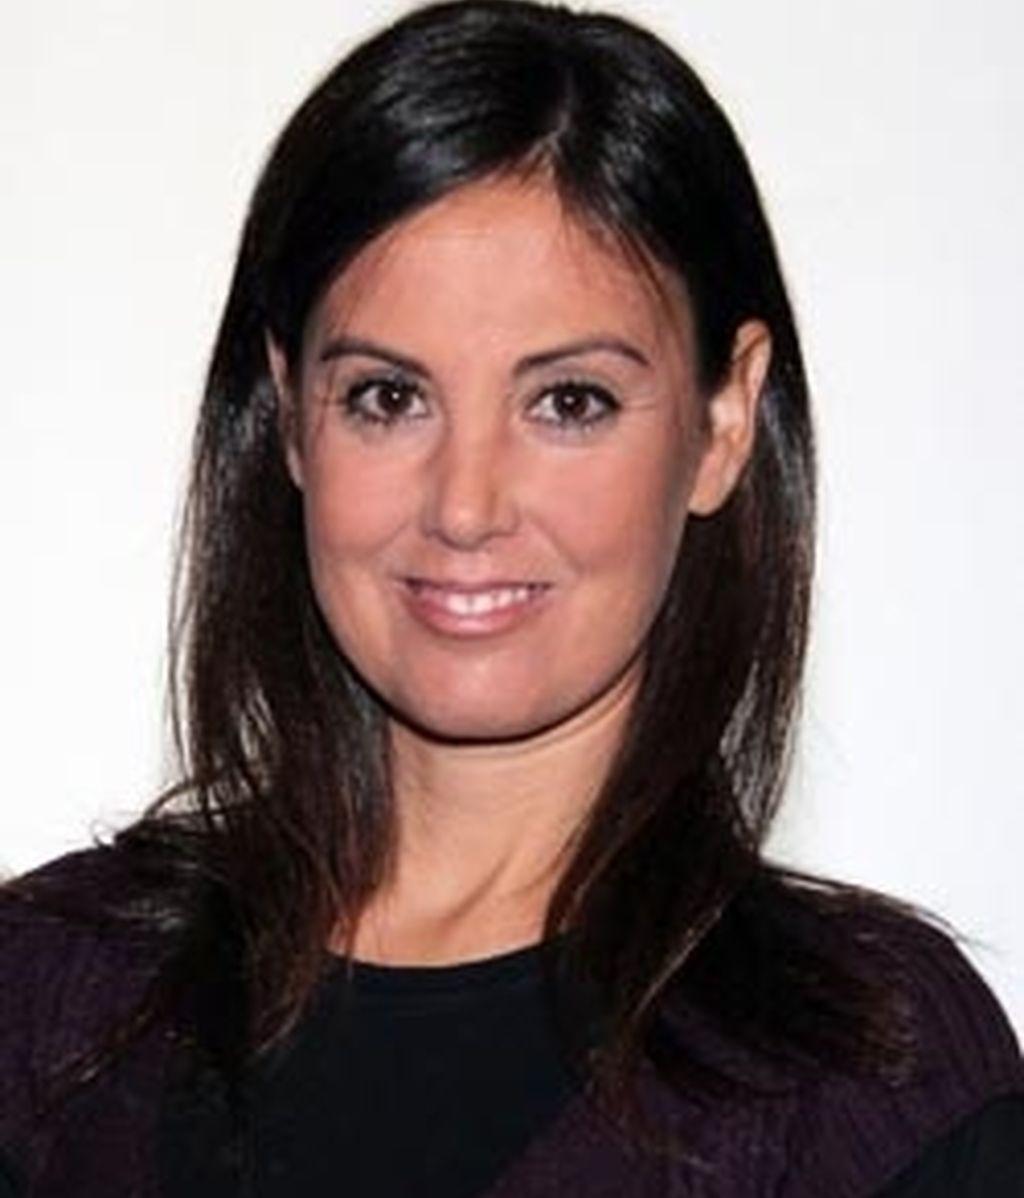 La diputada Elisa Díaz (PP), a juicio acusada de lesionar a una mujer con la que discutió